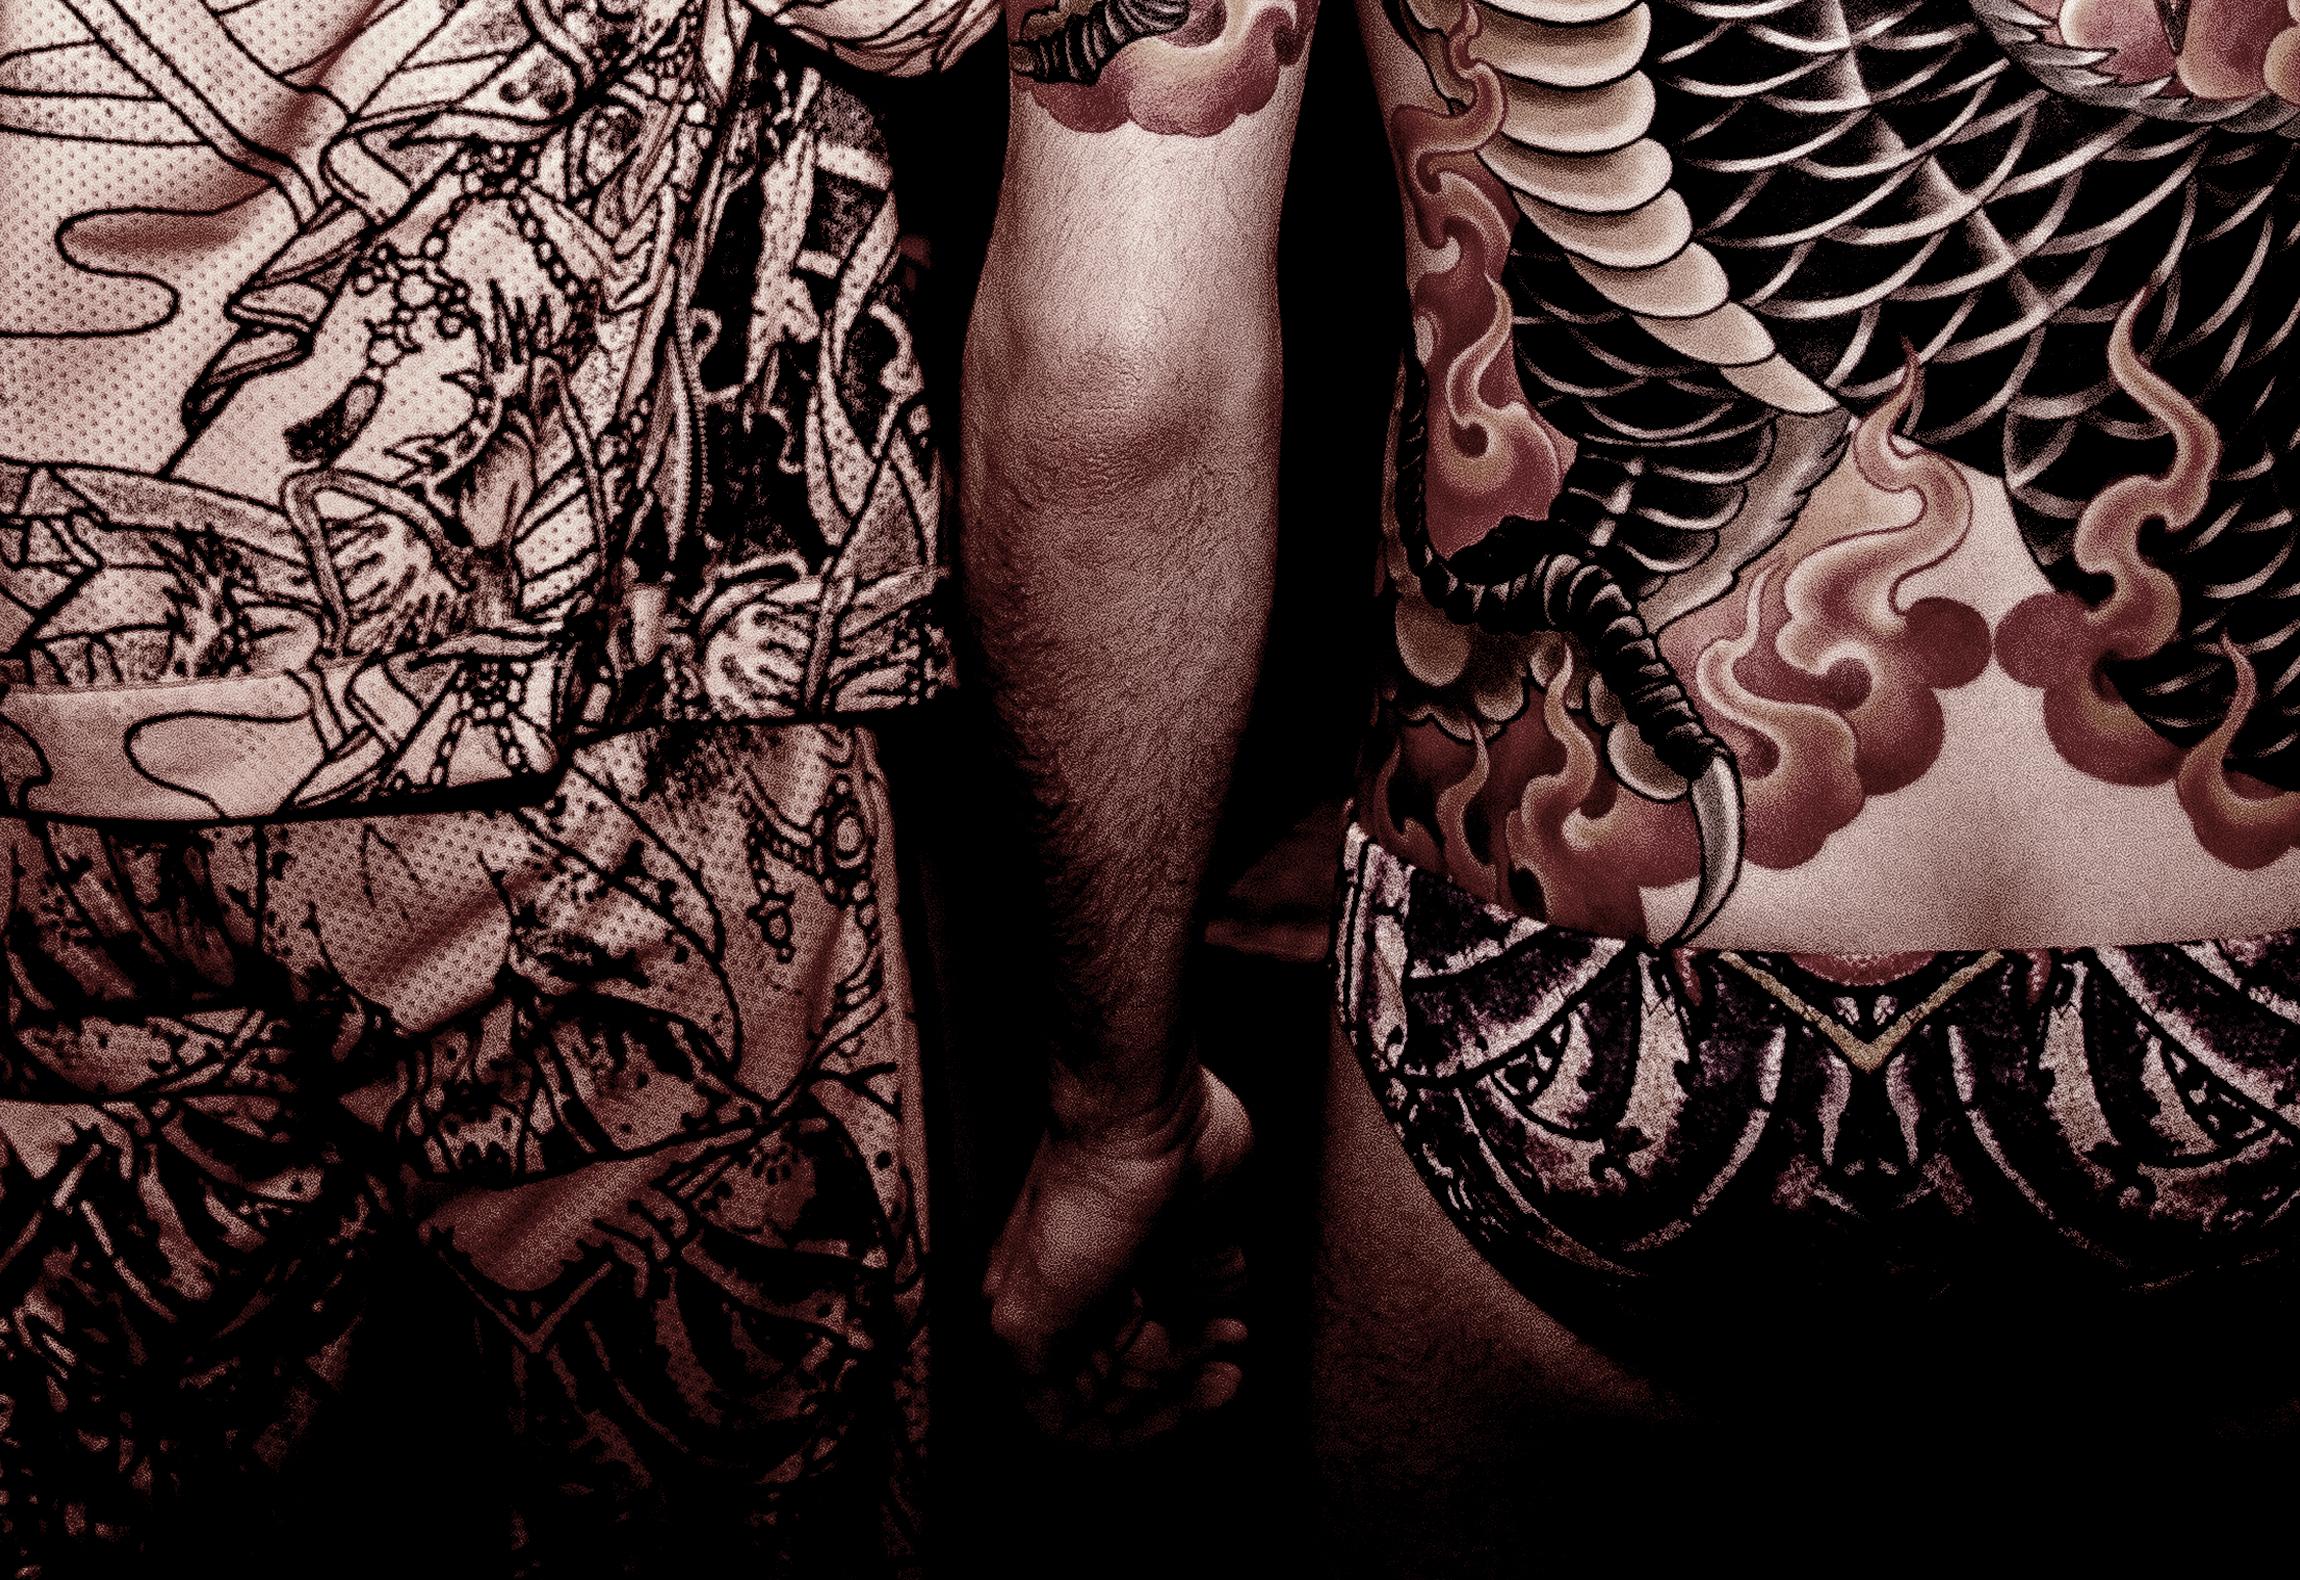 נתיב טאטו - מקועקעים לובשים בגדי קעקועים.